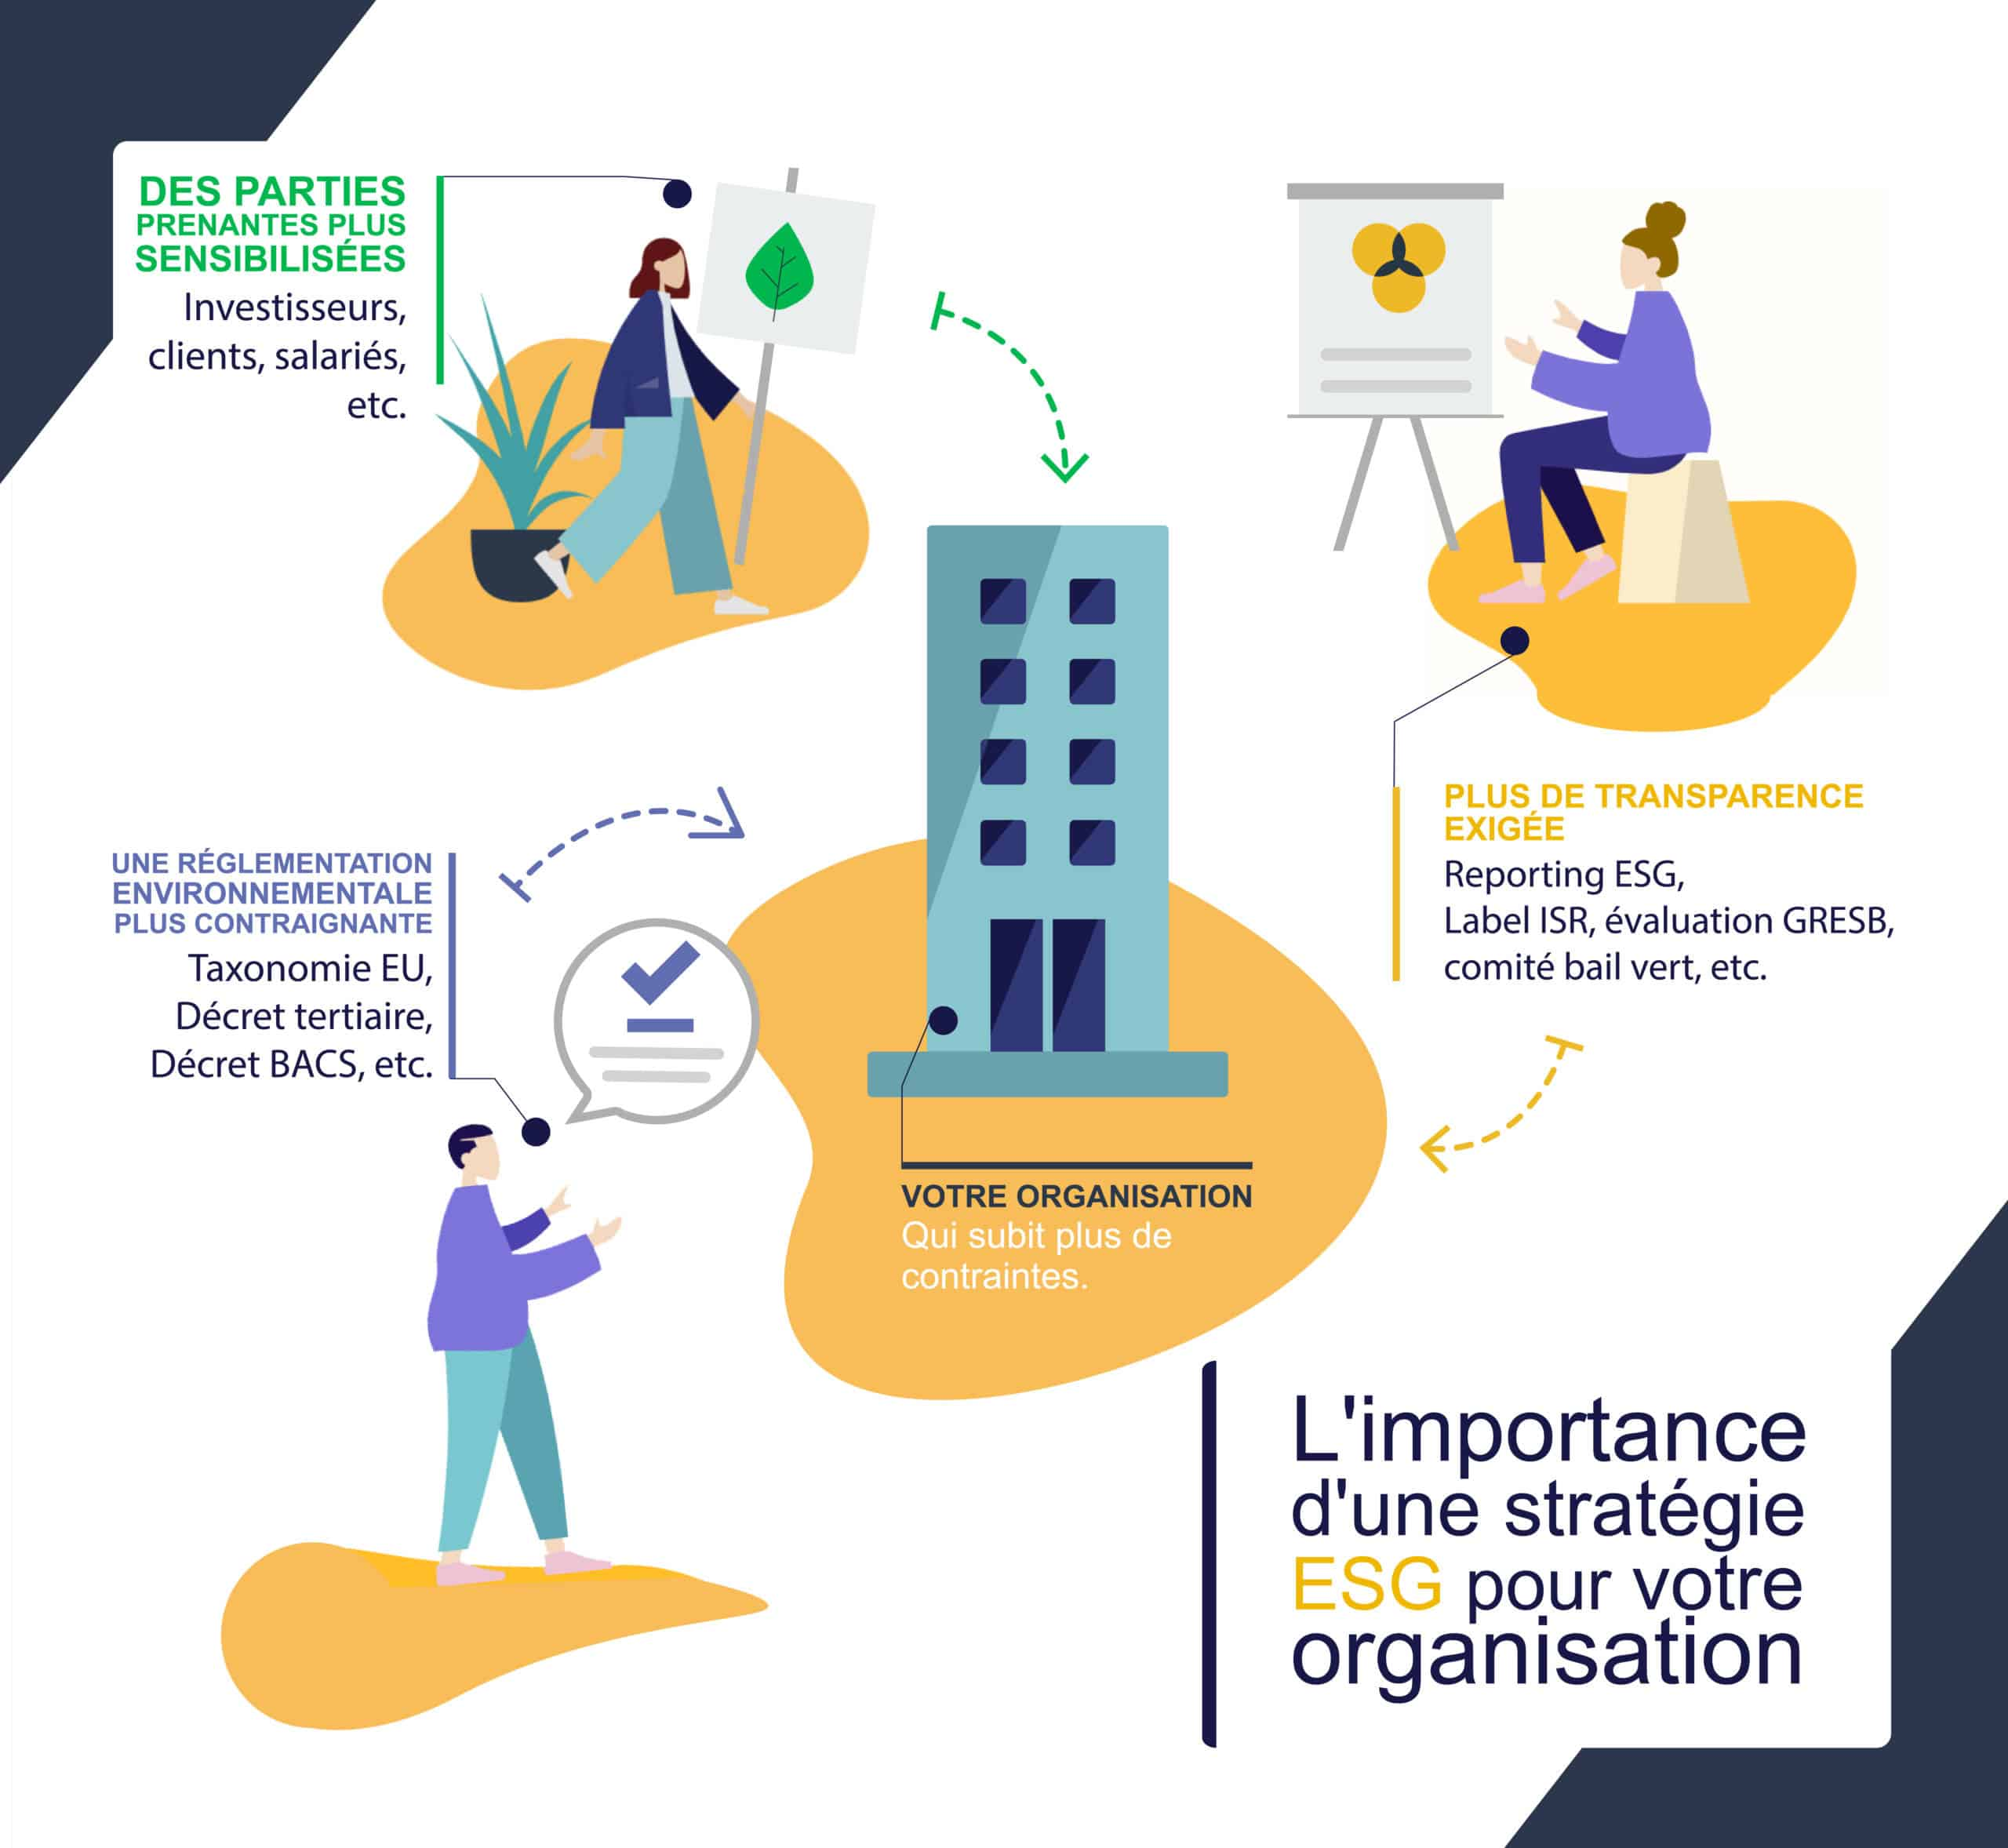 Cette image représente l'infographie sur l'importance de l'ESG créée par Deepki